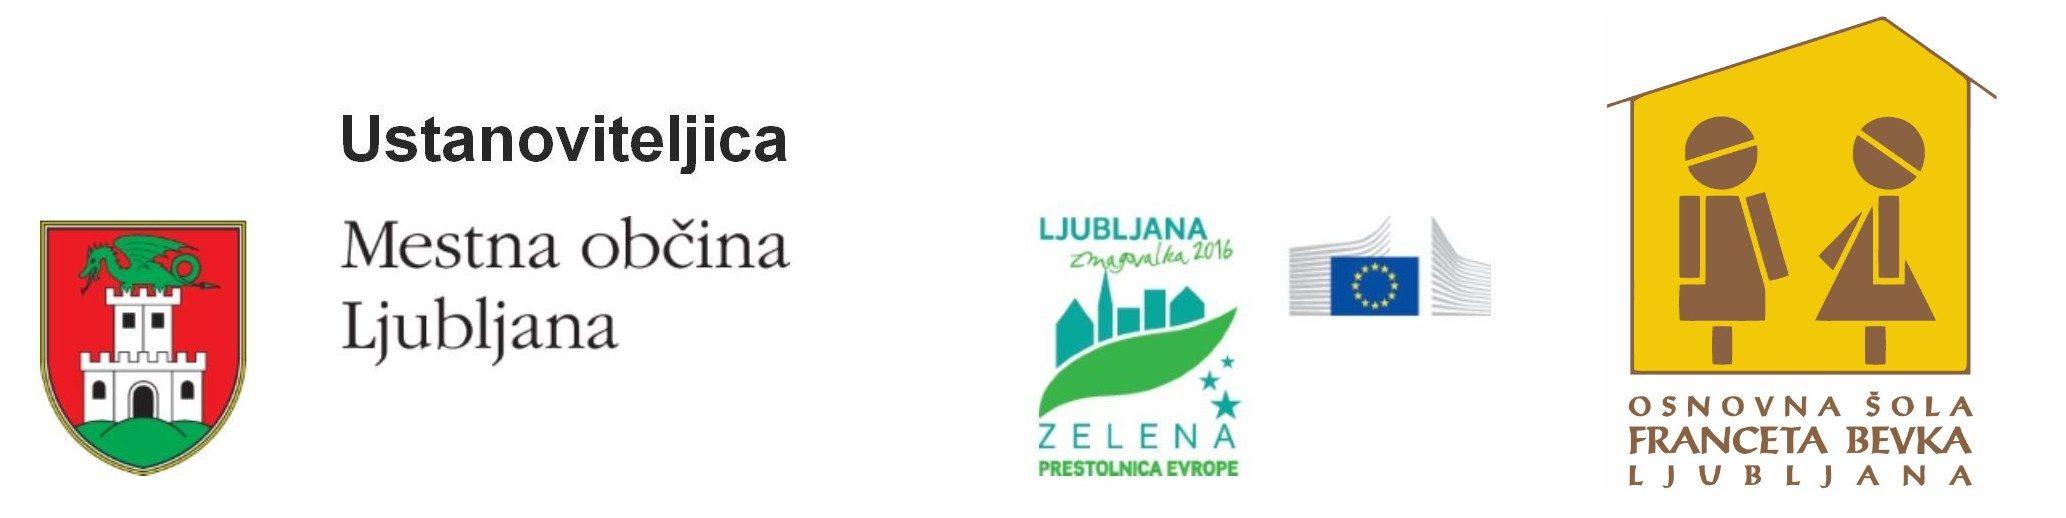 OŠ Franceta Bevka Ljubljana